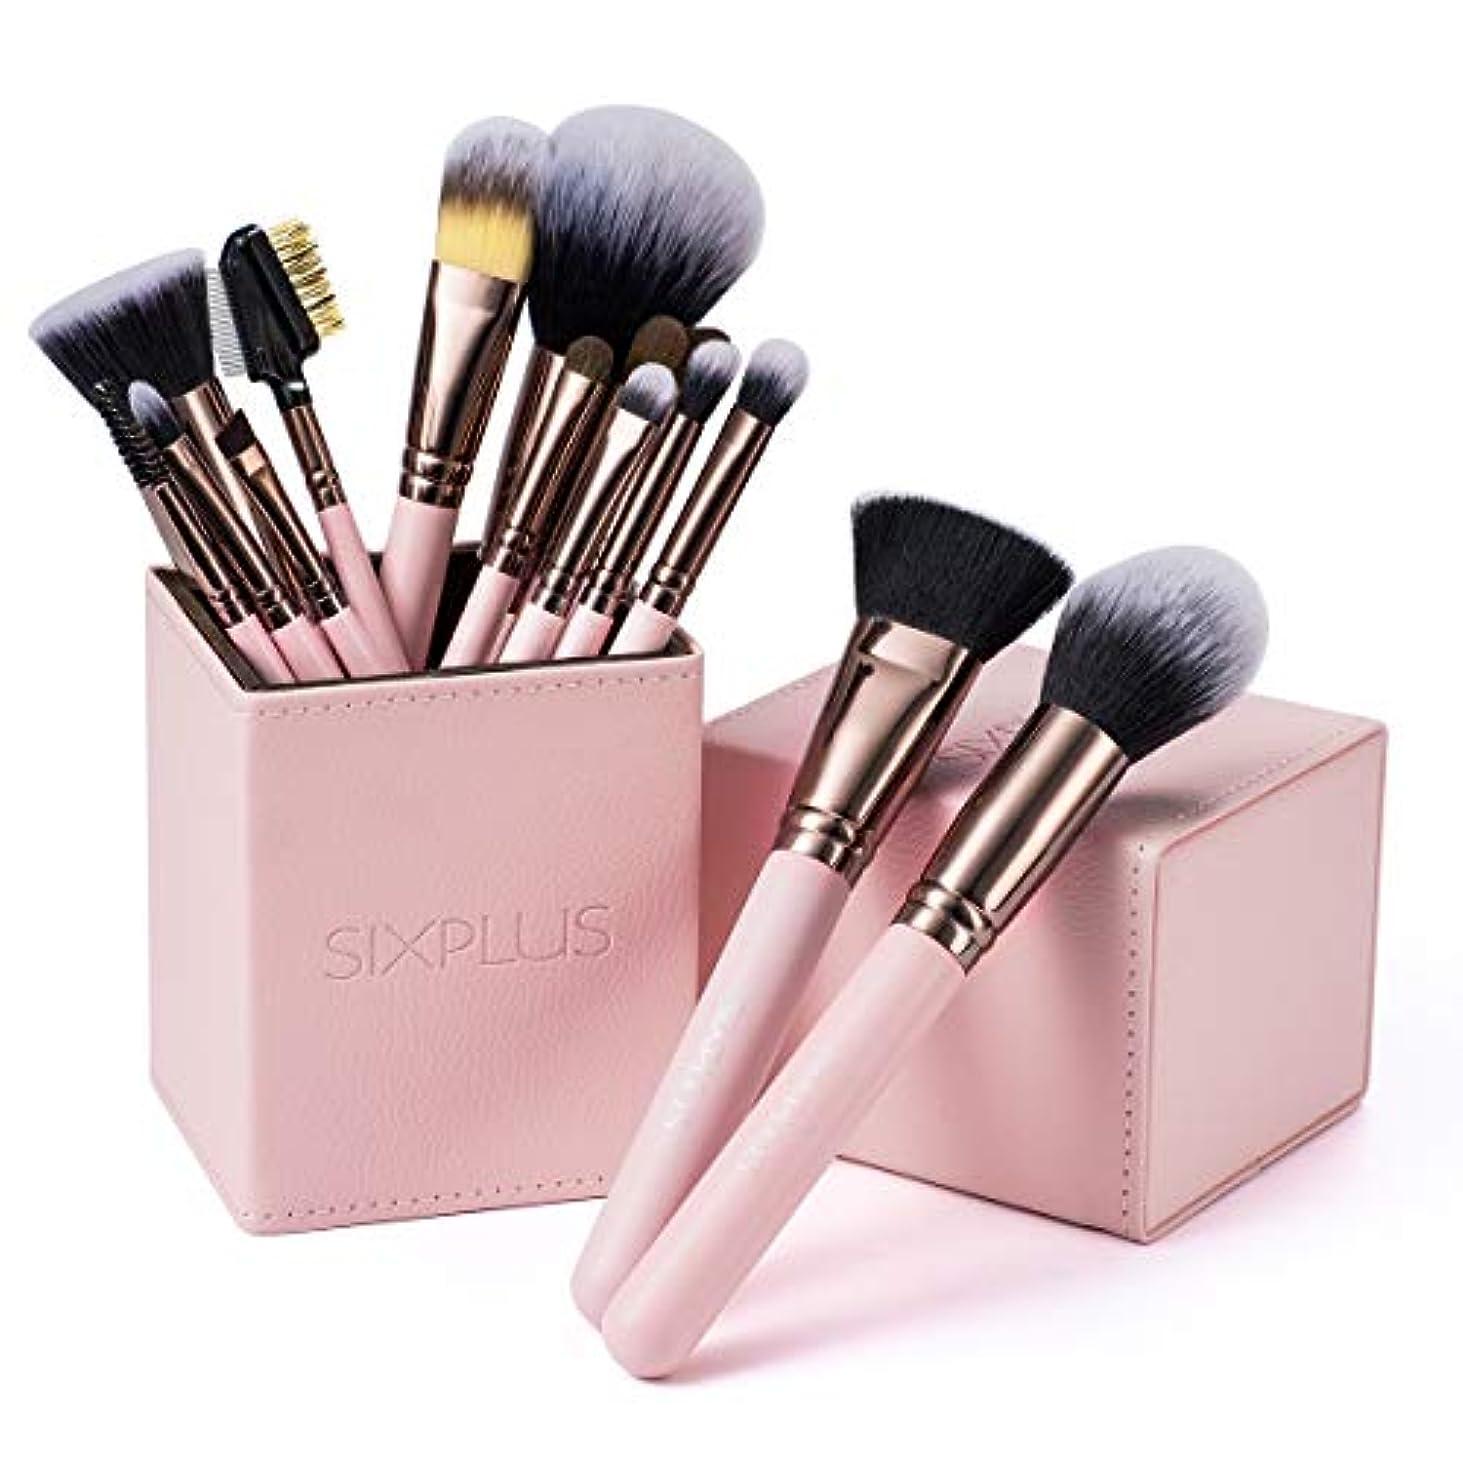 ダイヤルキャッチファンタジーSIXPLUS ロマンチックなピンク色 メイクブラシ 15本セット(ピンク色)